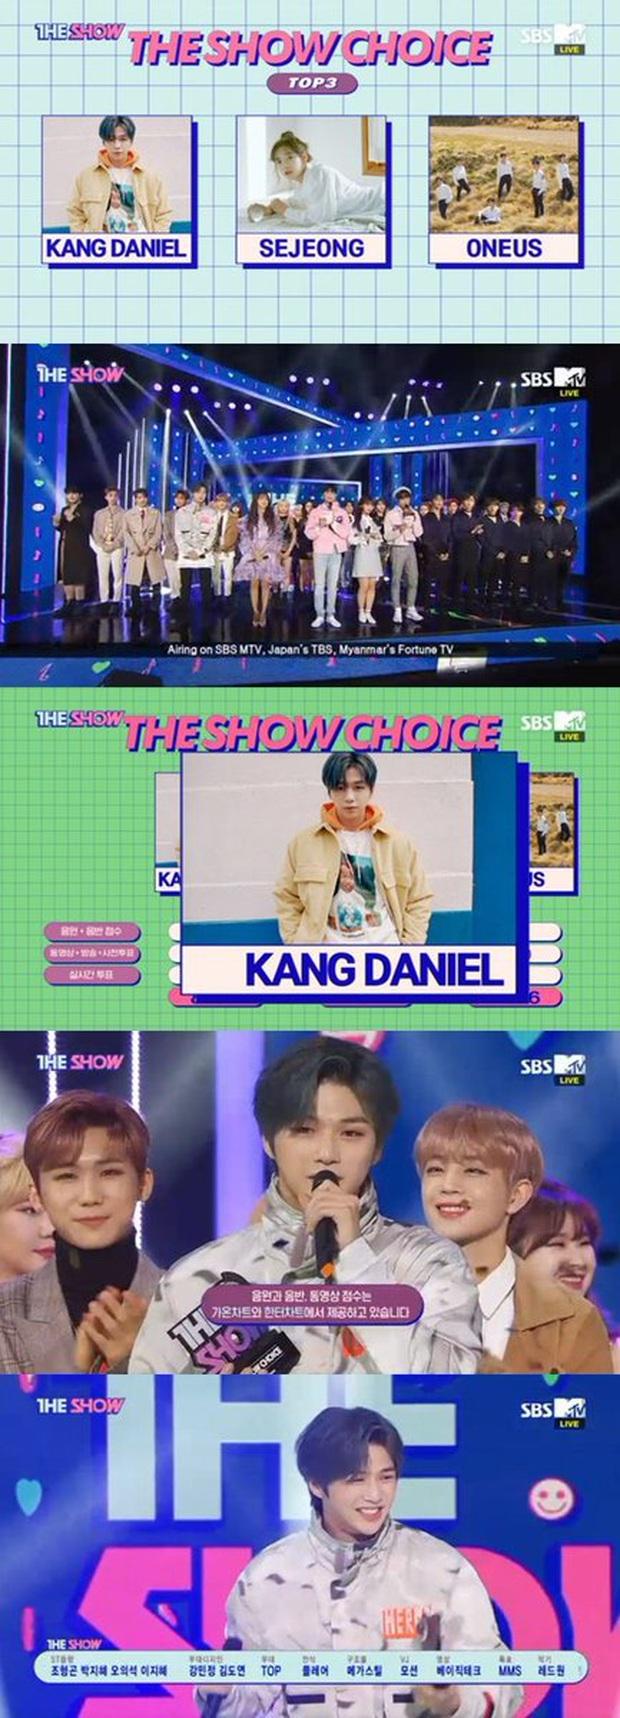 Giành cúp nhưng Center quốc dân Kang Daniel 2 lần bỏ mic không hát, chỉ nhảy trong phần diễn encore: Chẳng lẽ sợ live dở quá hay gì? - Ảnh 1.